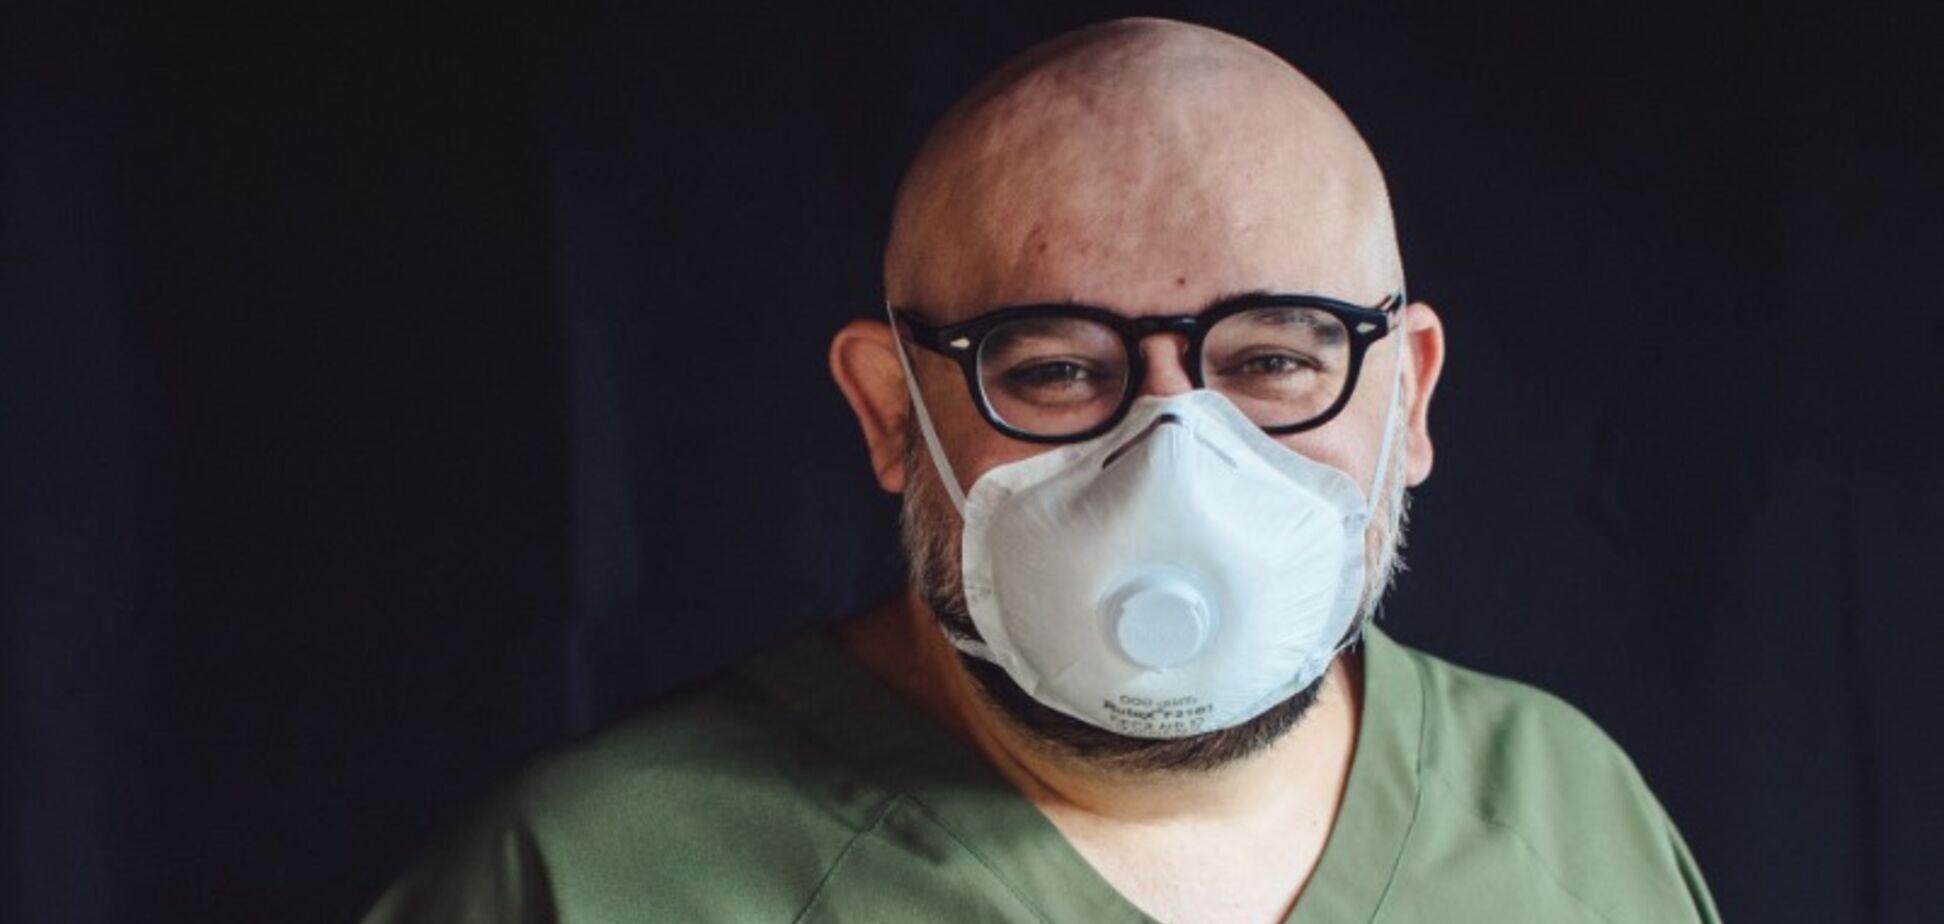 Денис Проценко: что известно о враче, который мог заразить Путина коронавирусом